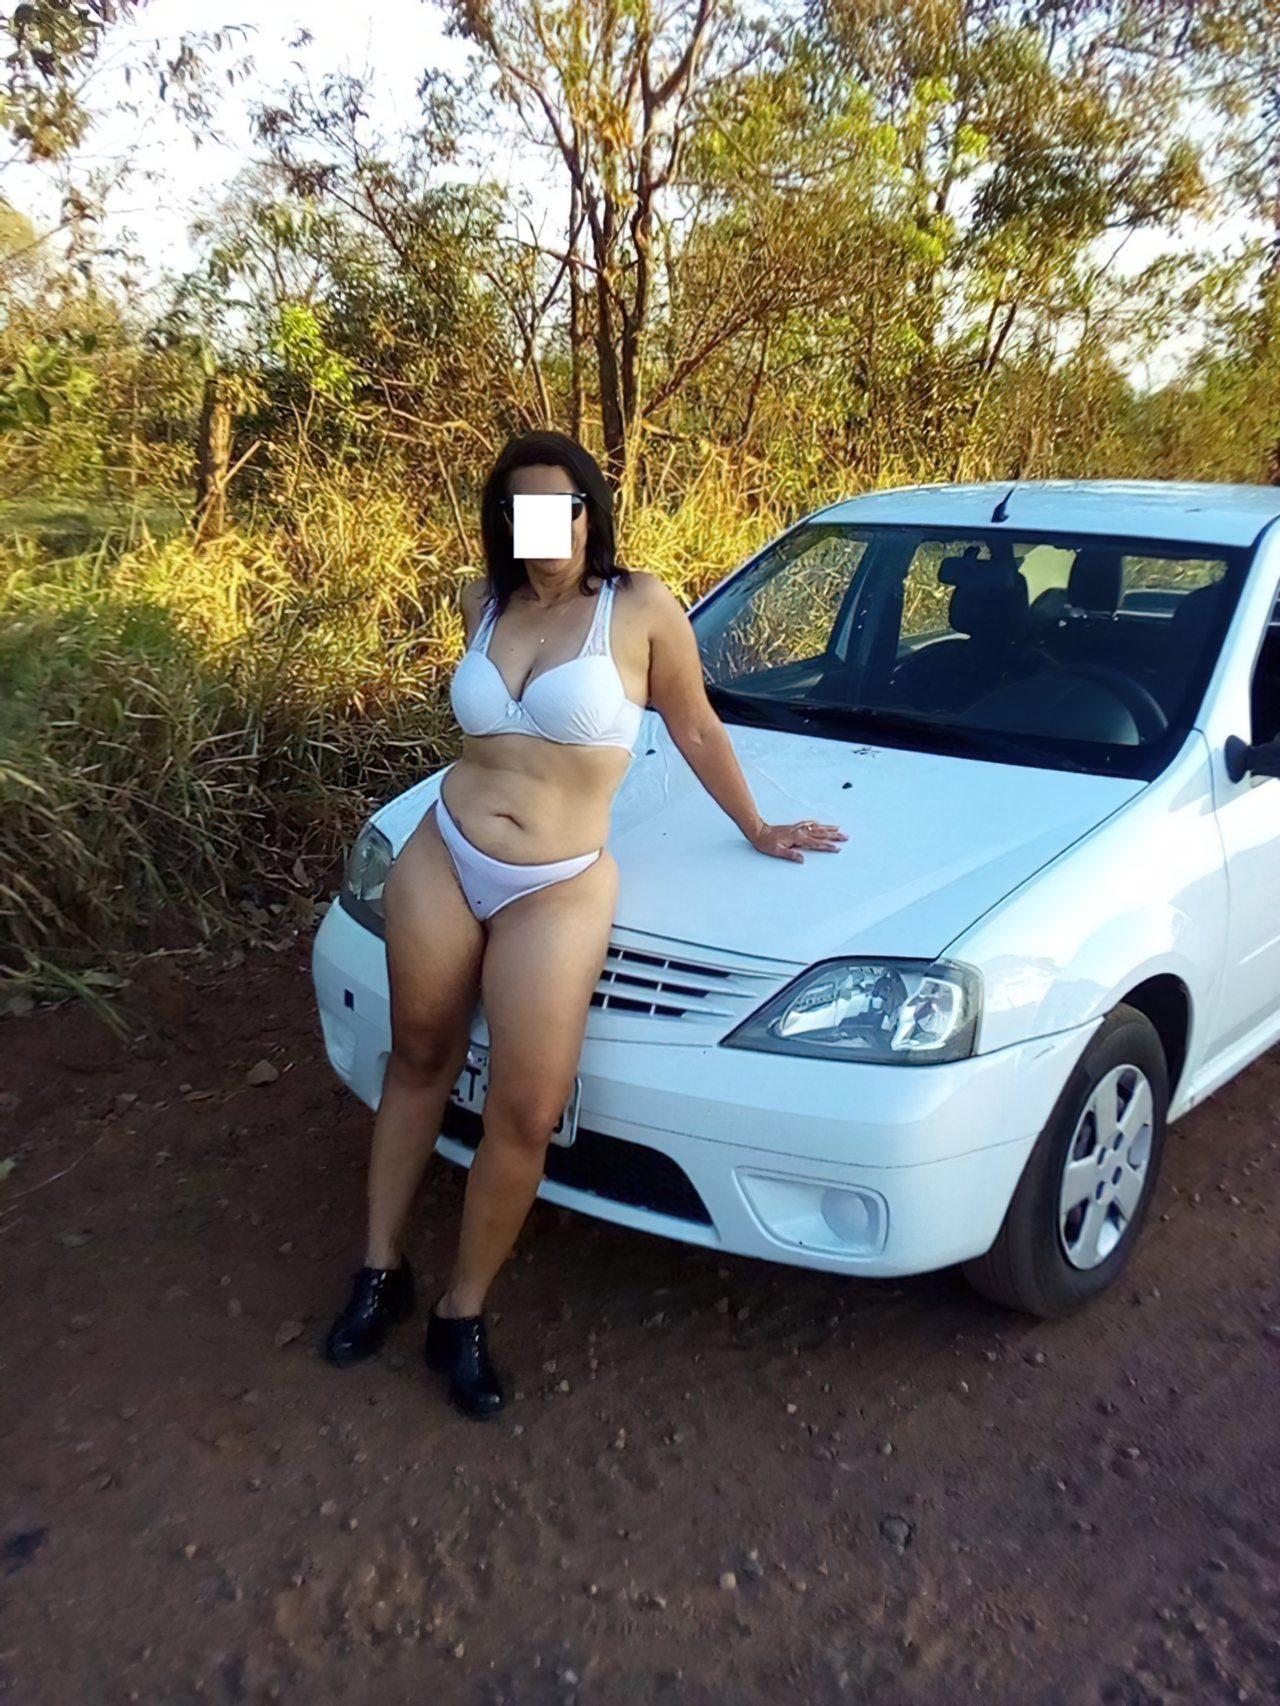 Sedutora Esposa (9)